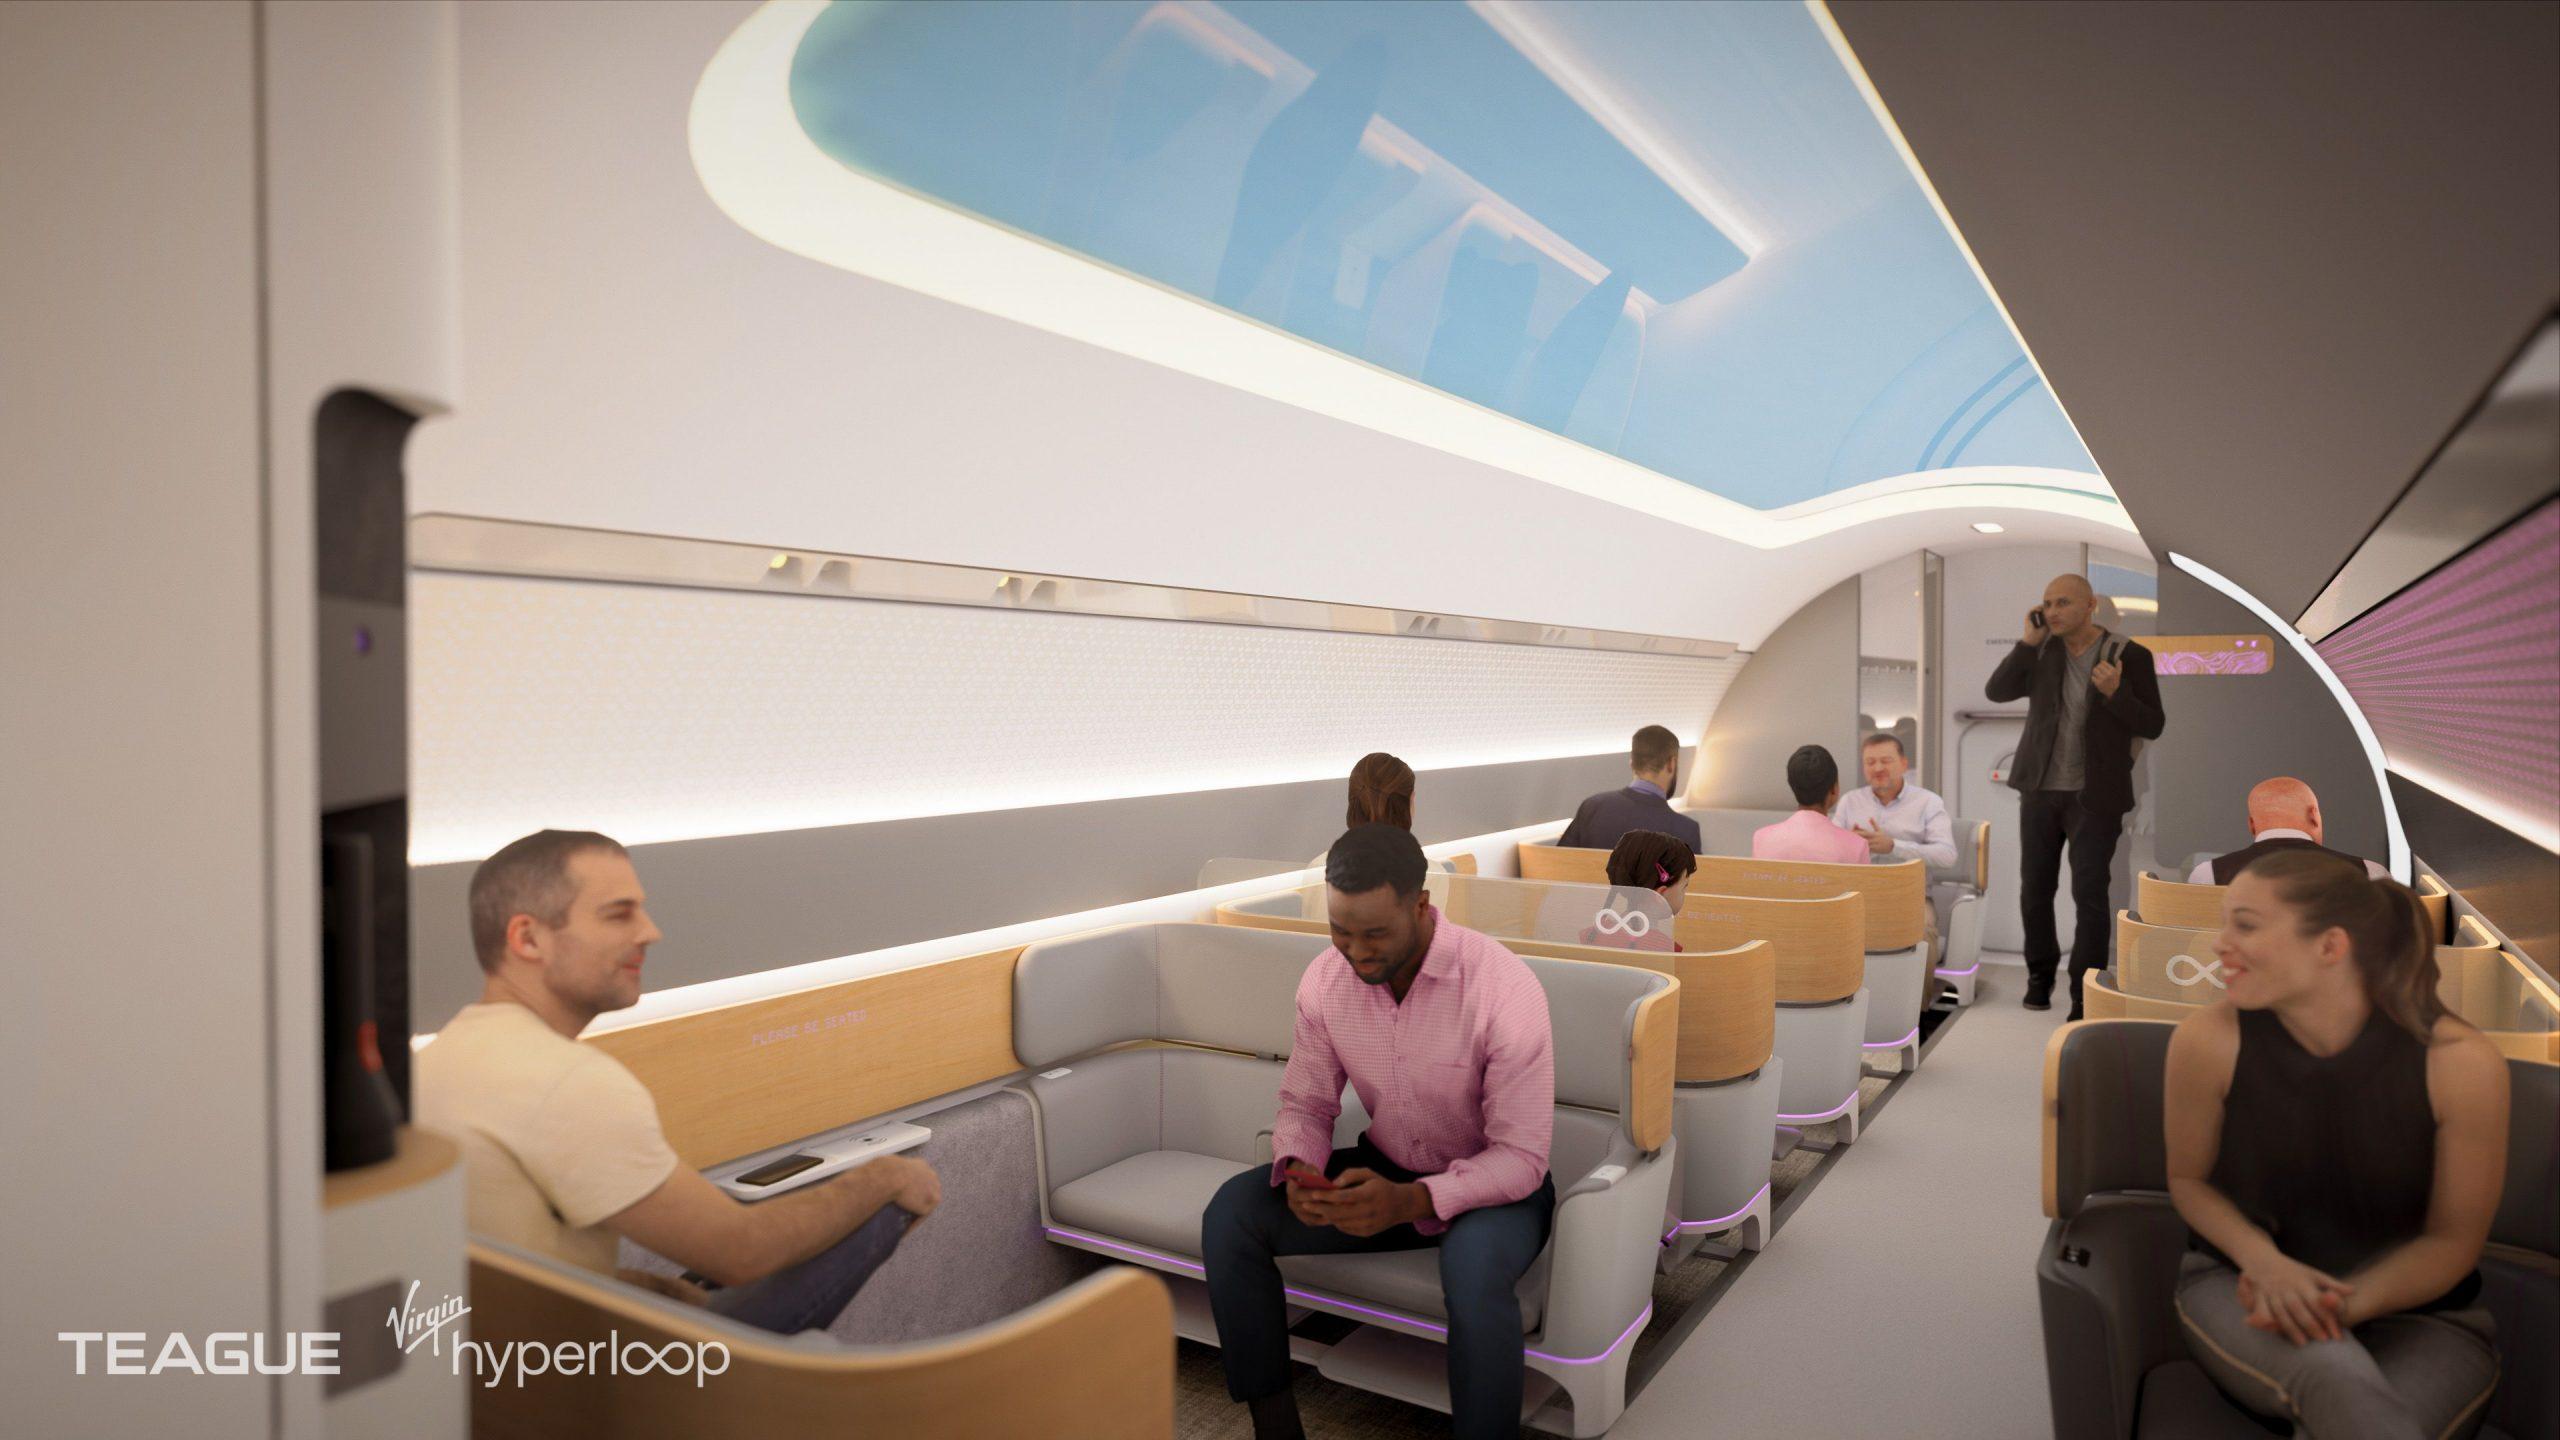 Virgin nos muestra cómo será viajar en su hyperloop 1